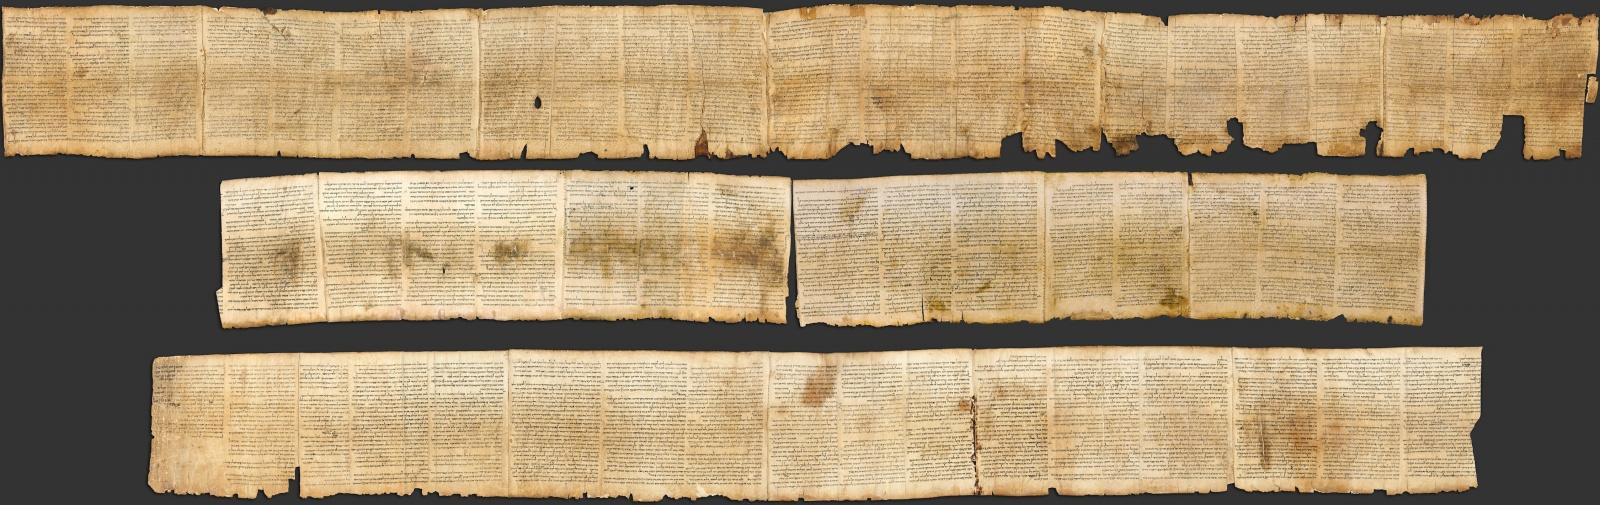 Рукописи не горят: секрет долговечности свитков Мертвого моря, датируемых 250 годом до н.э - 4